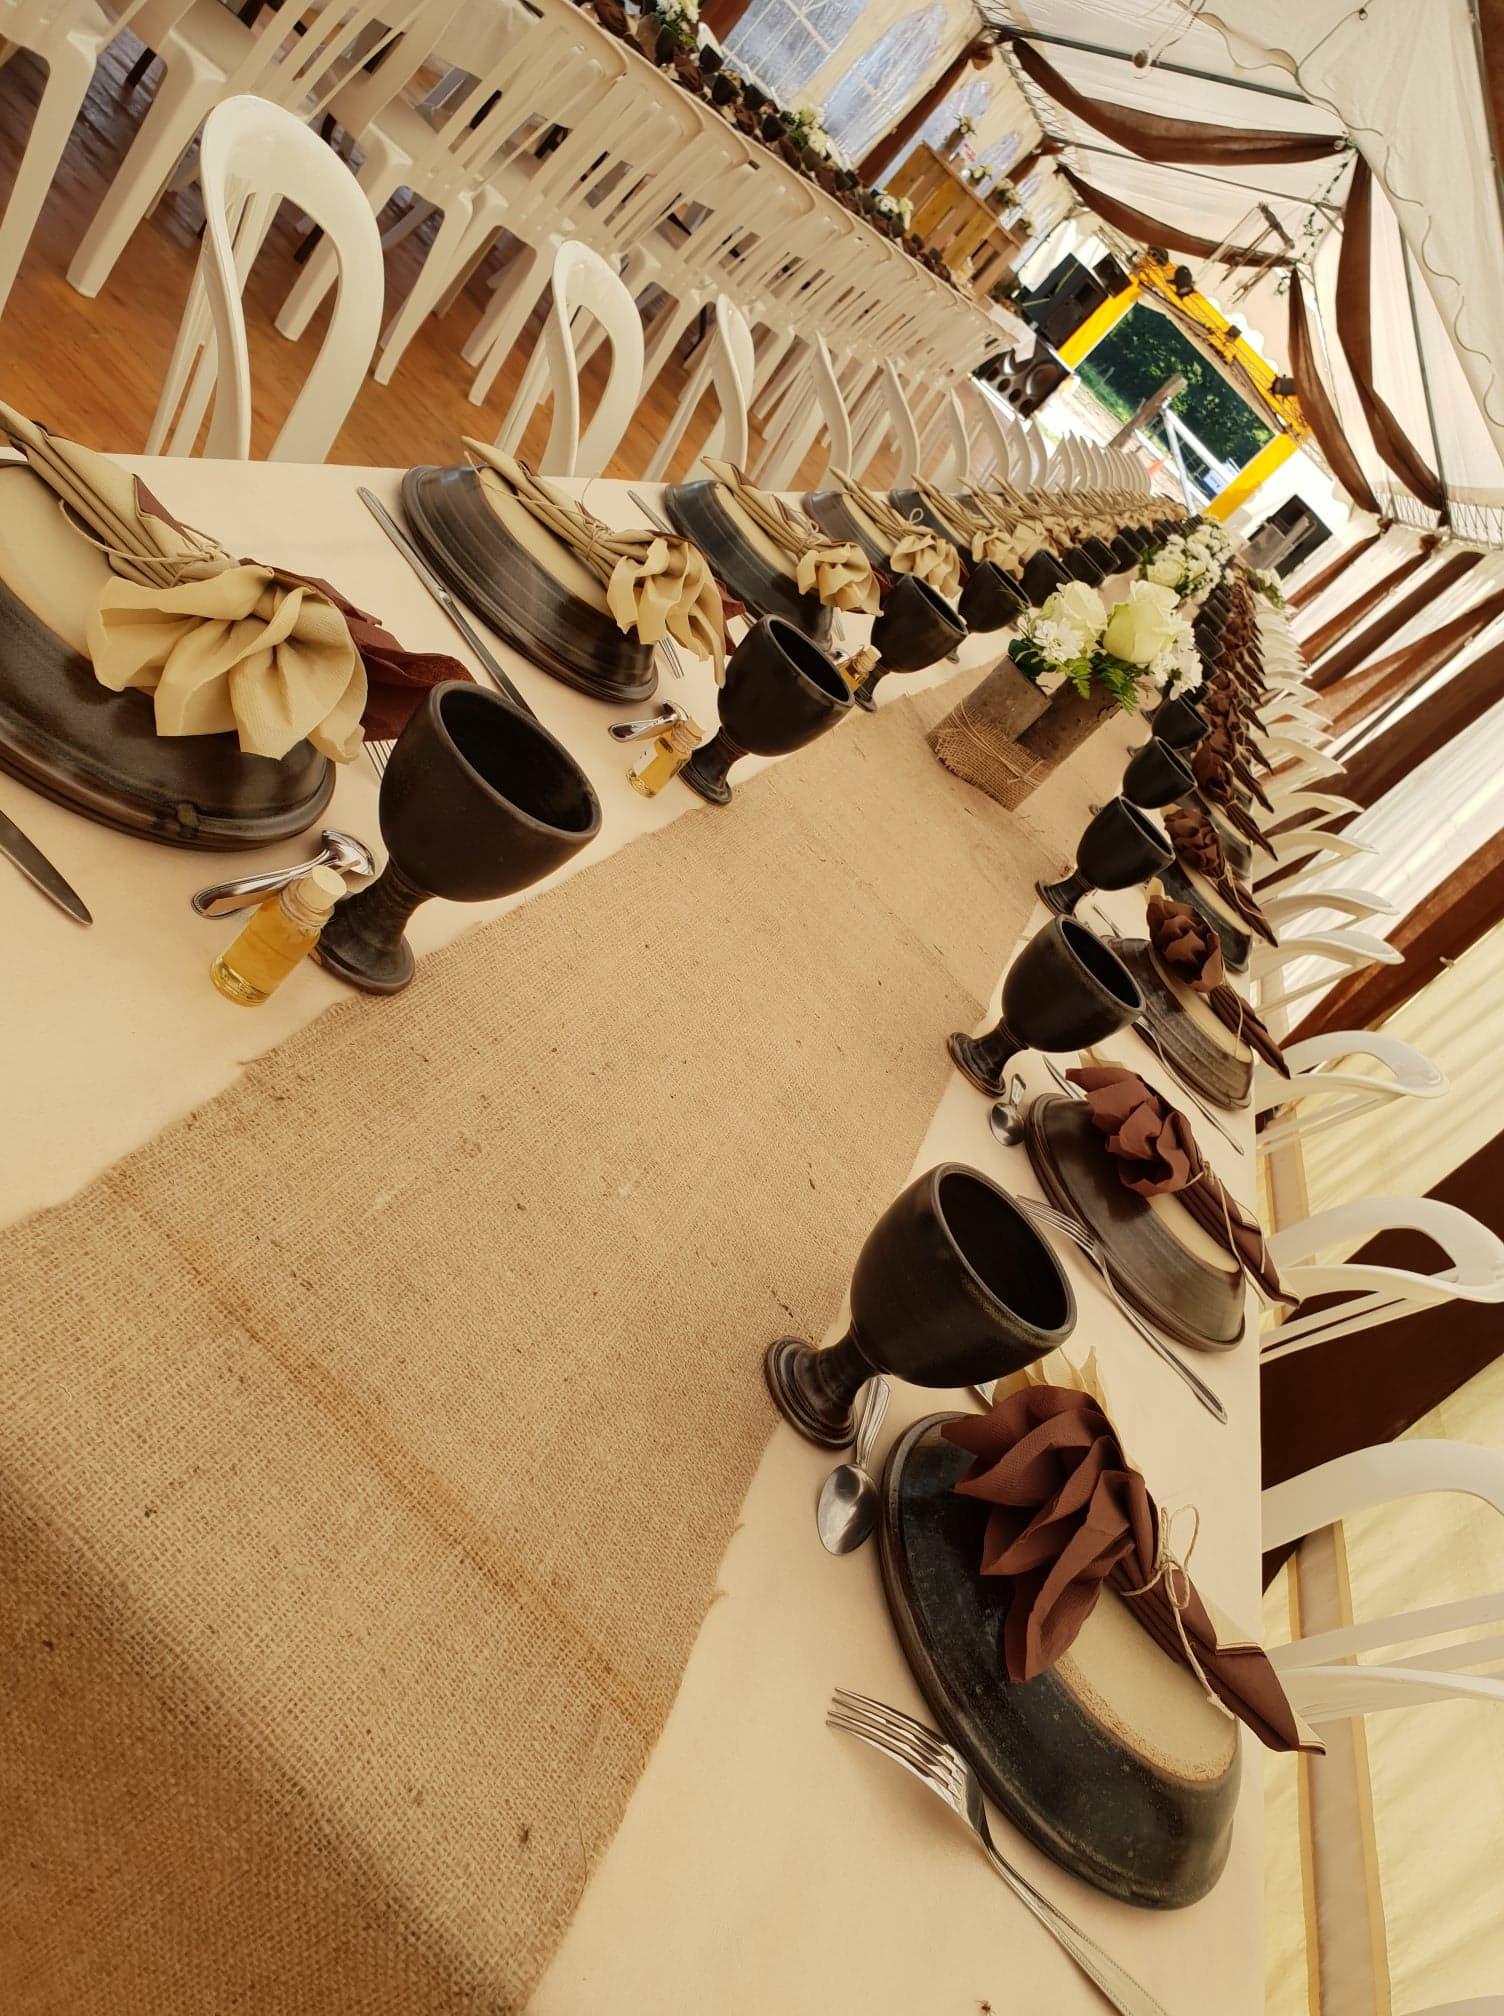 mariage table avec vaisselle médiéval ecuelle grall